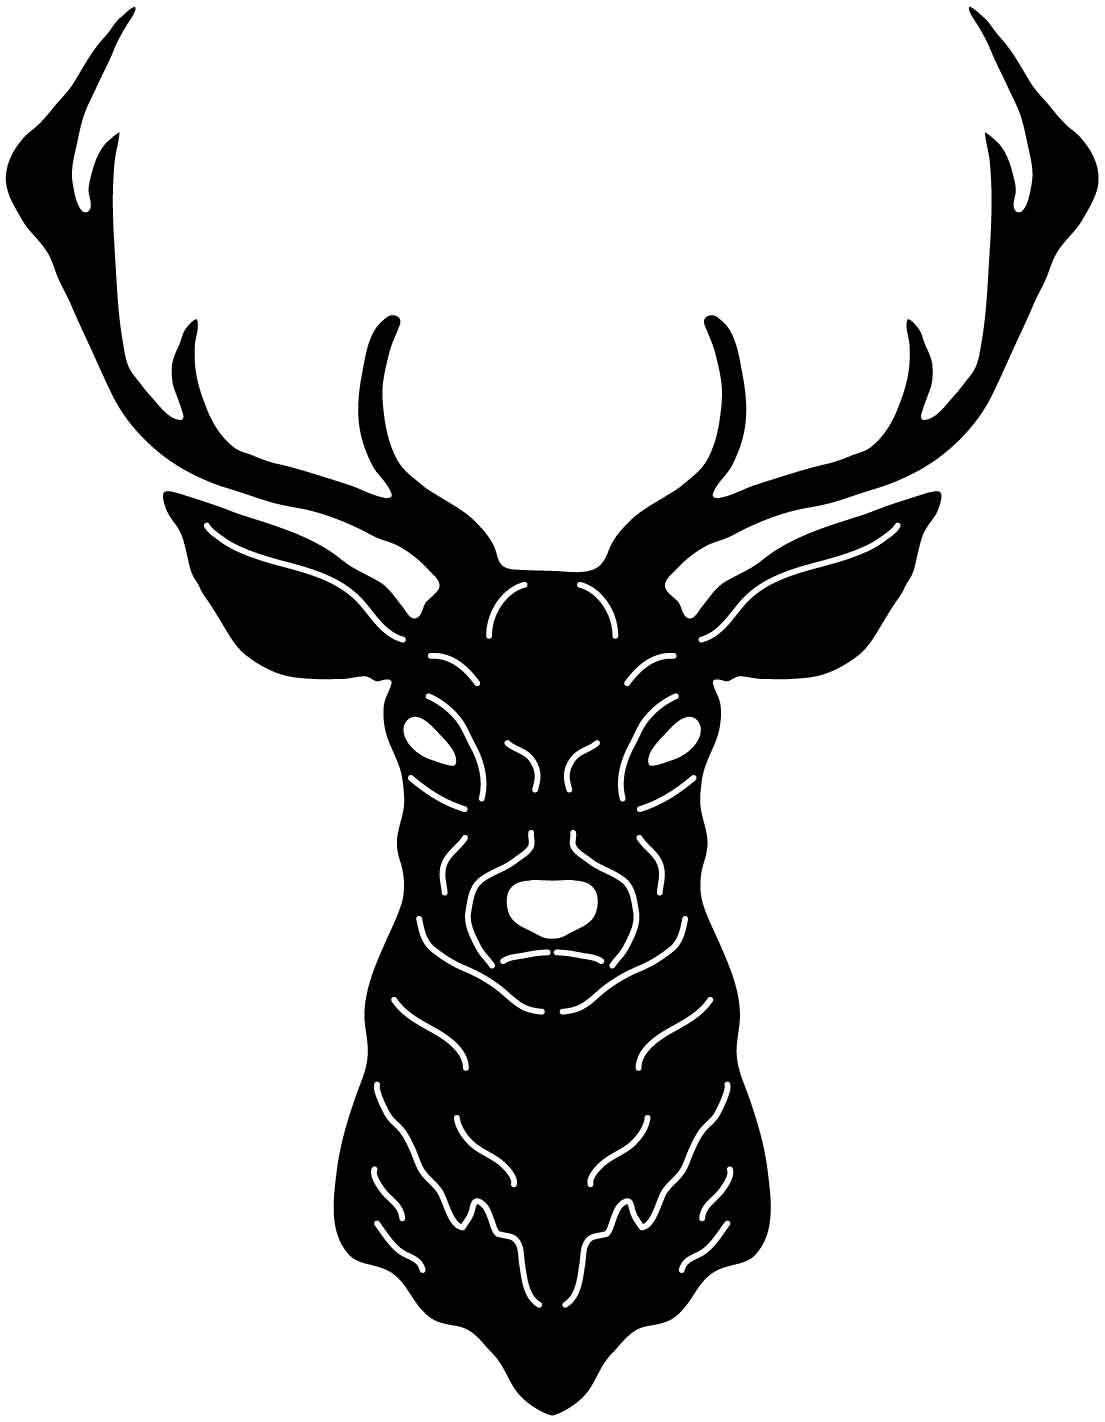 Deer head free dxf file cnc deer cnc wood carving